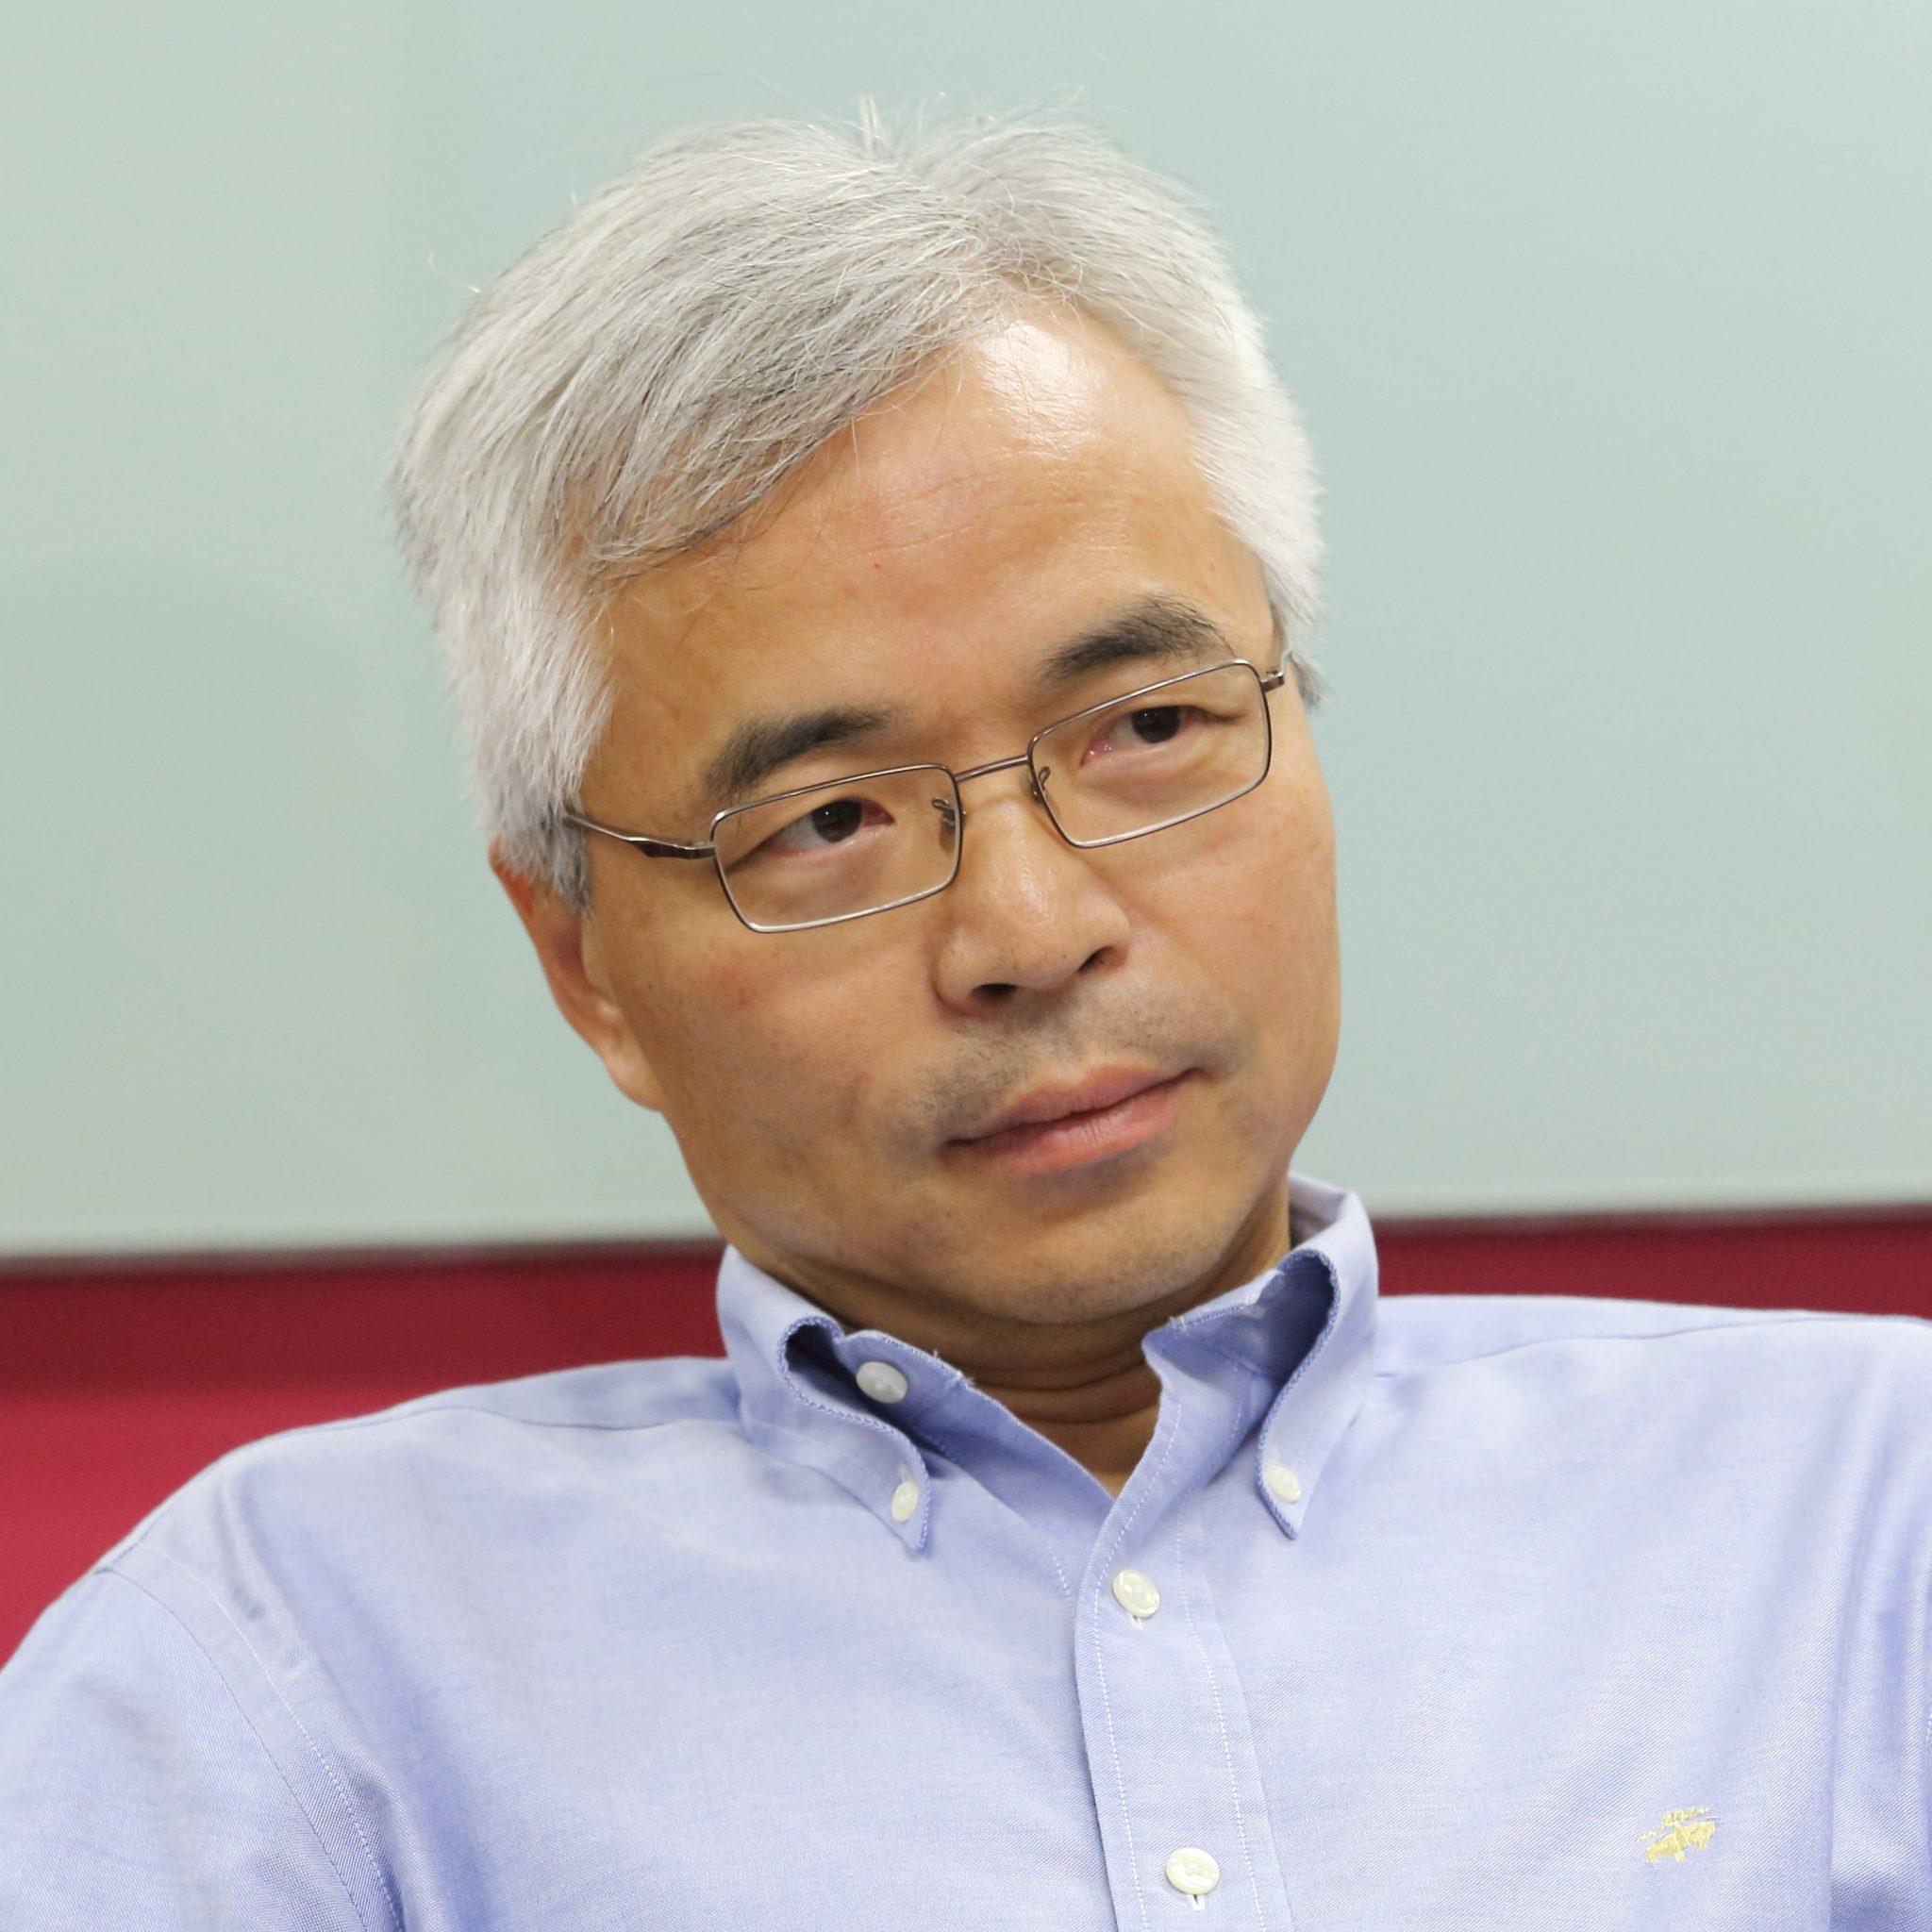 Mingjie ZHANG